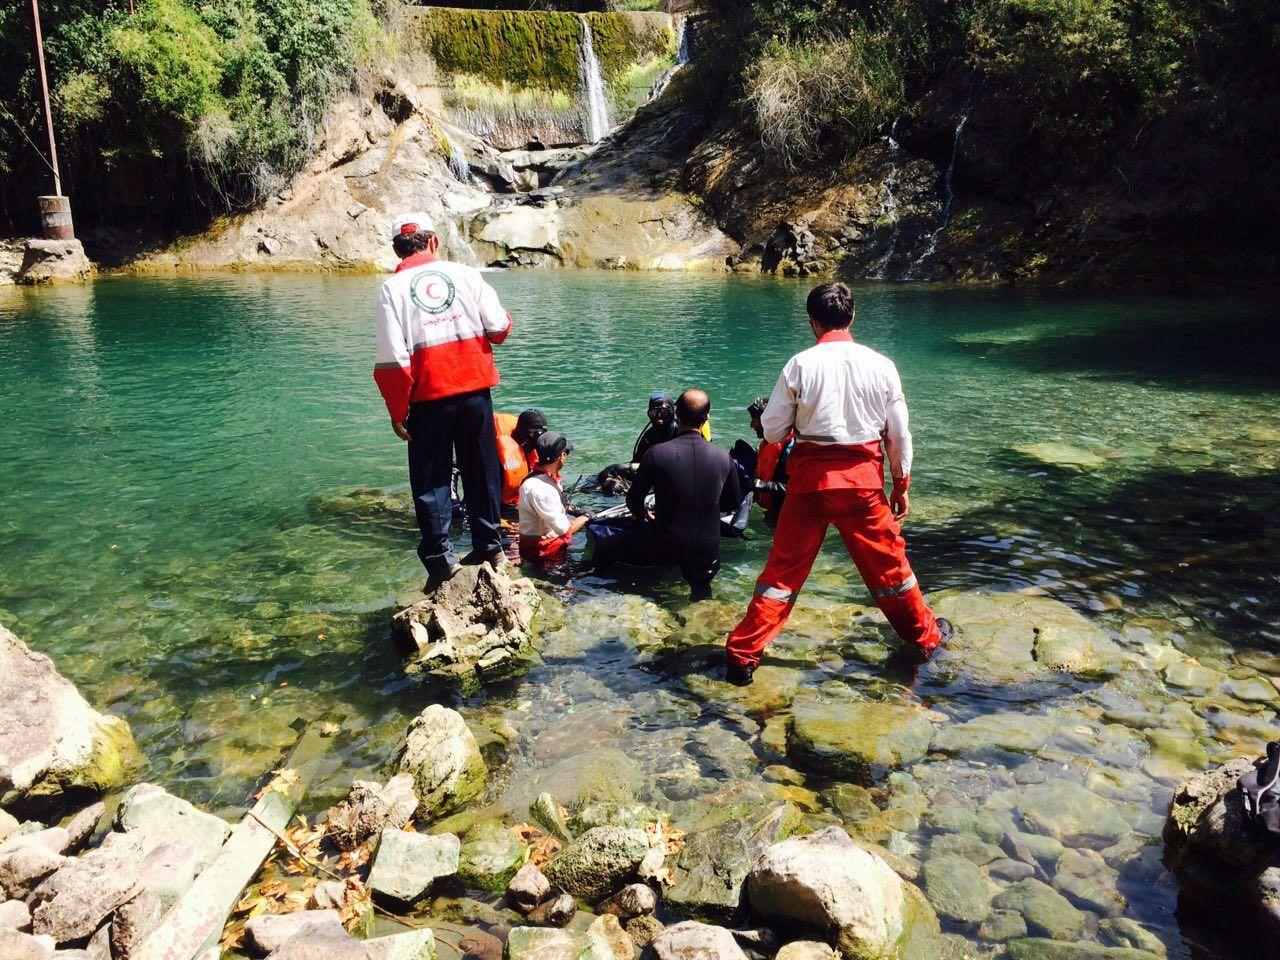 تلاش جستجوگران امداد برای کشف جسد غریق سد زیاران